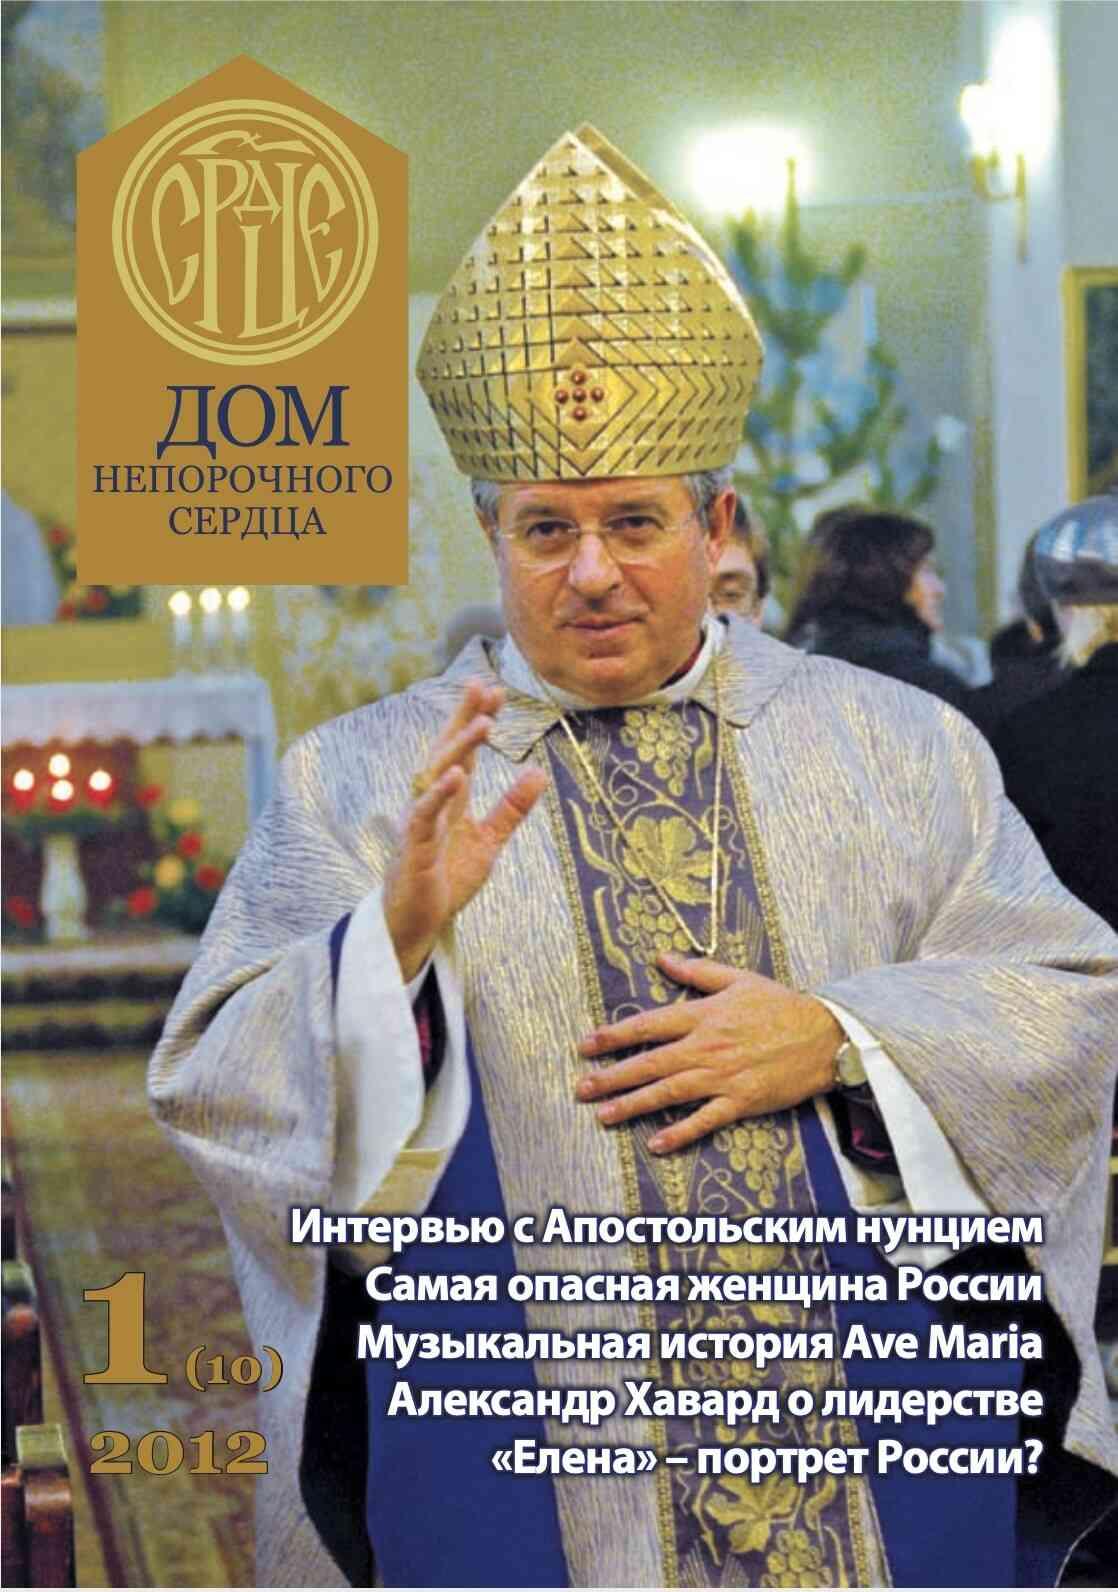 Журнал «Дом Непорочного Сердца» № 1 (10) 2012 год